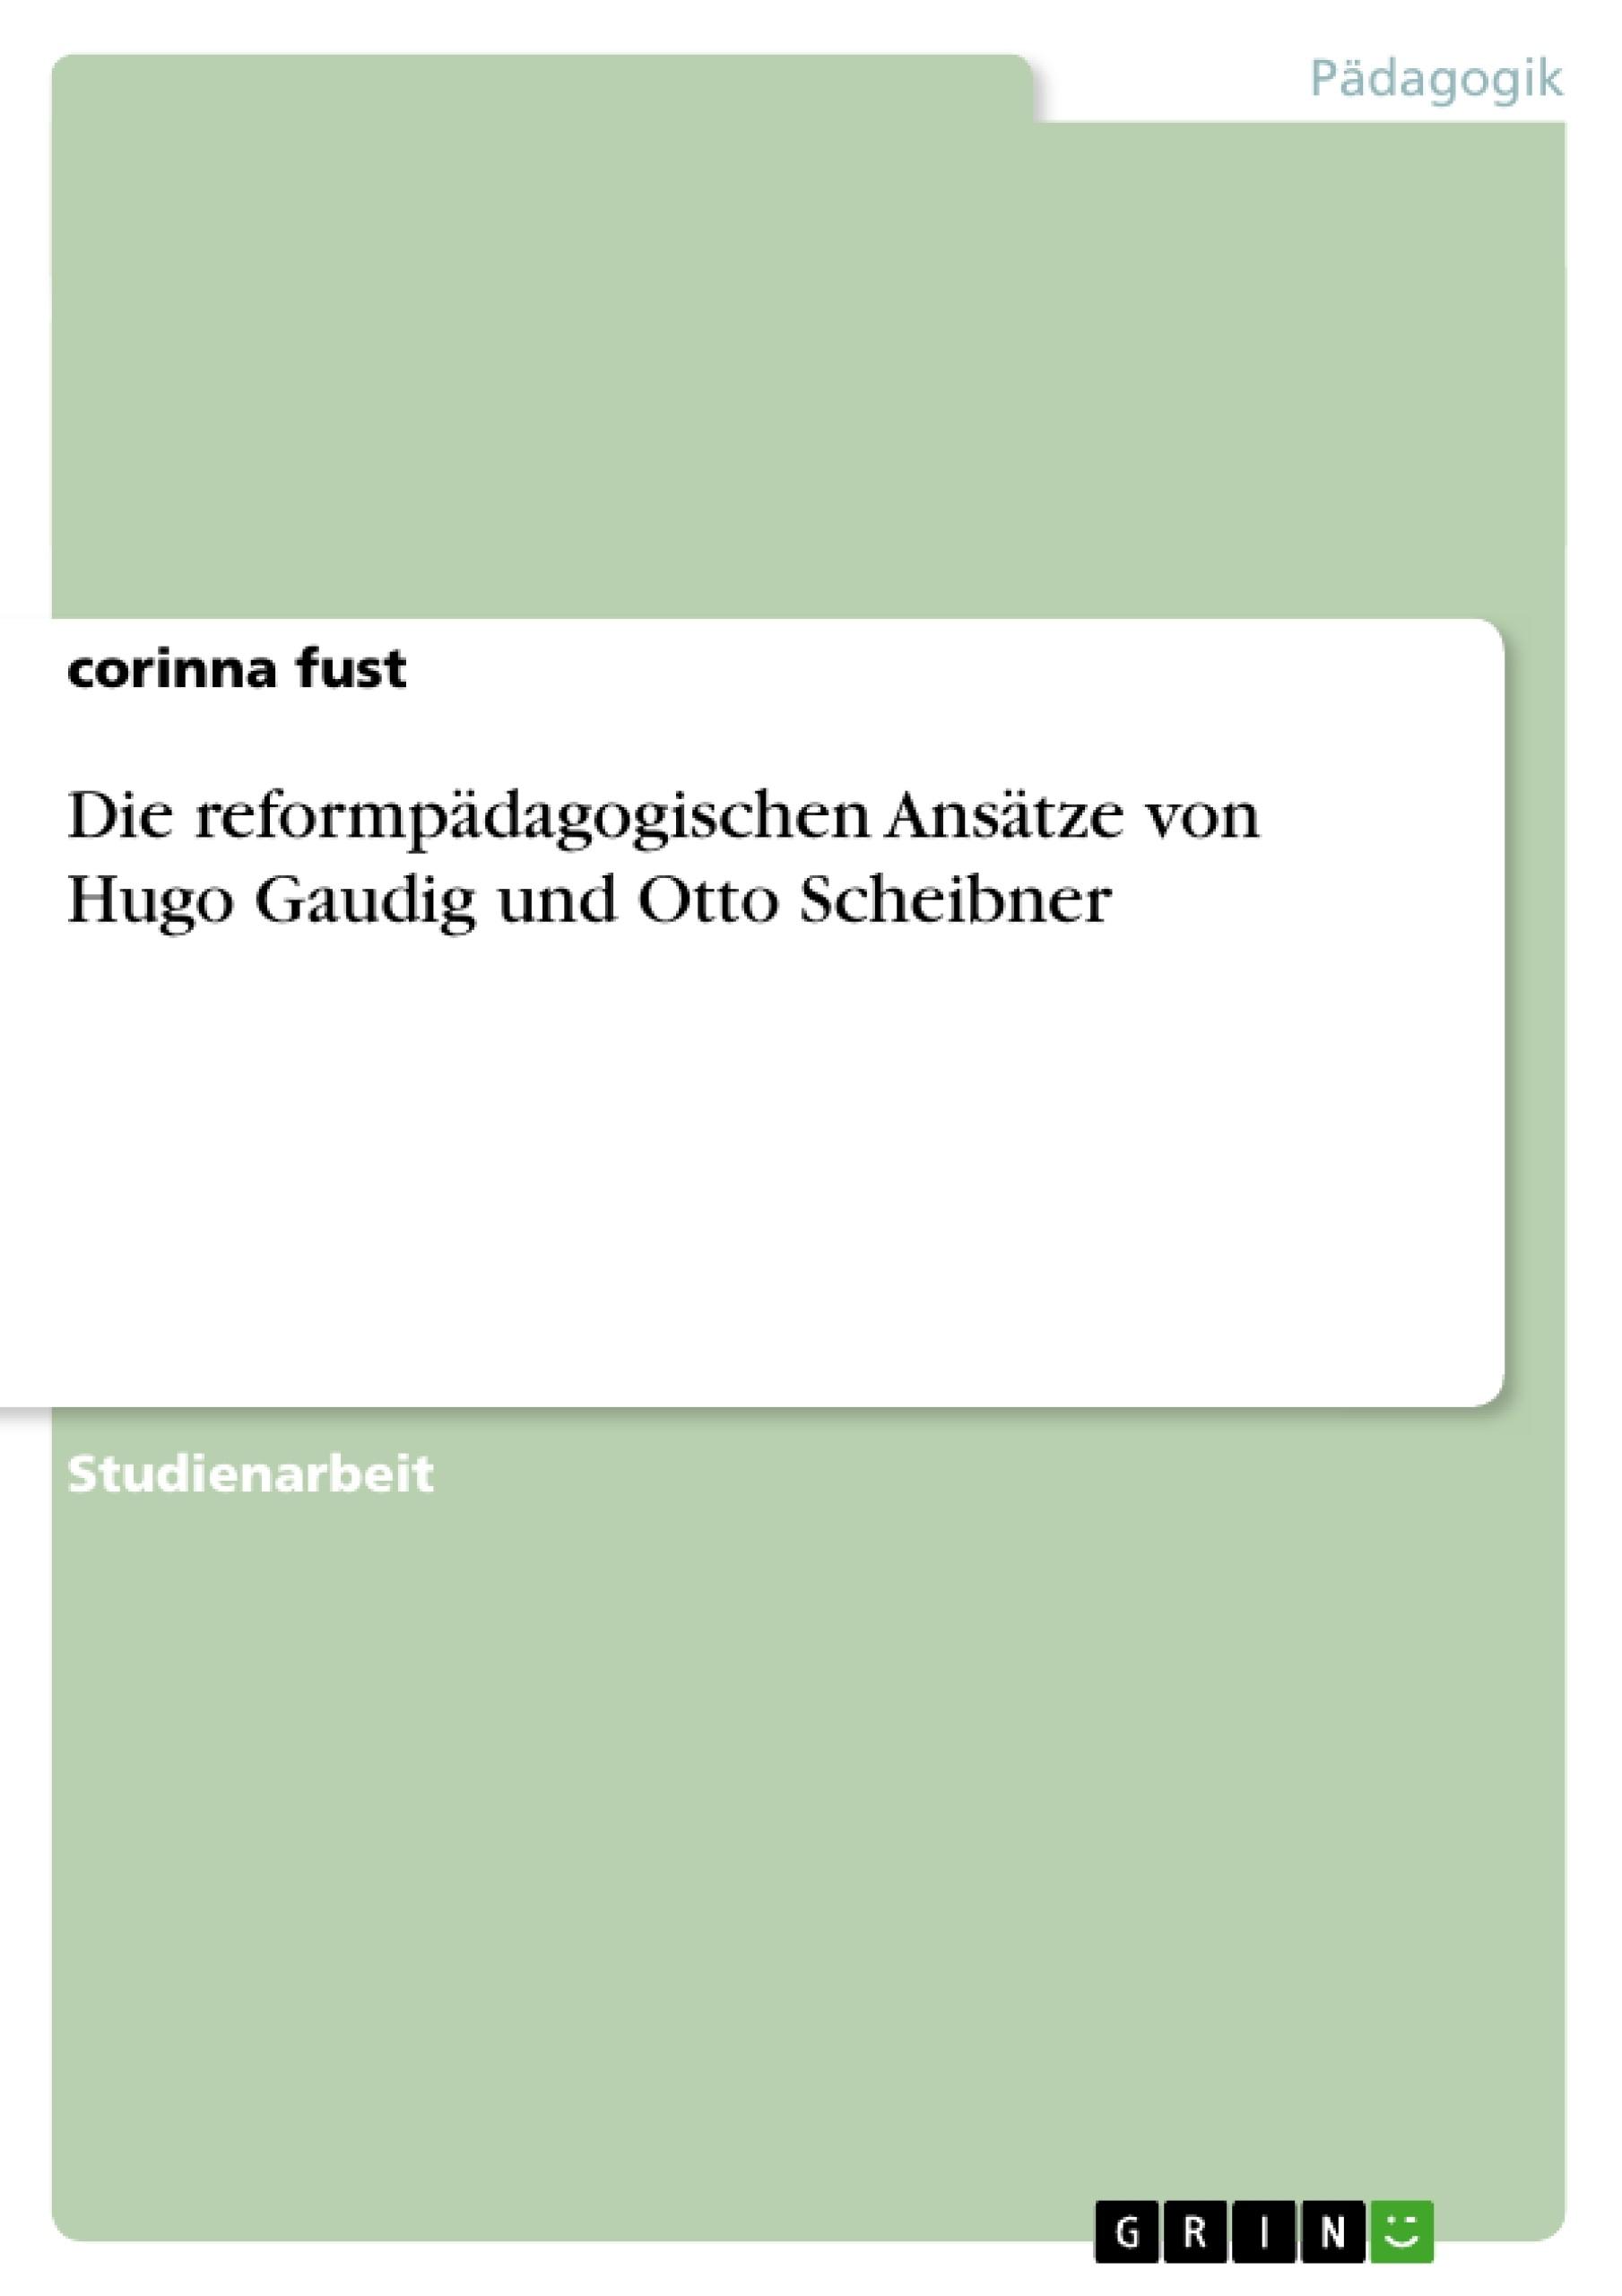 Titel: Die reformpädagogischen Ansätze von Hugo Gaudig und Otto Scheibner